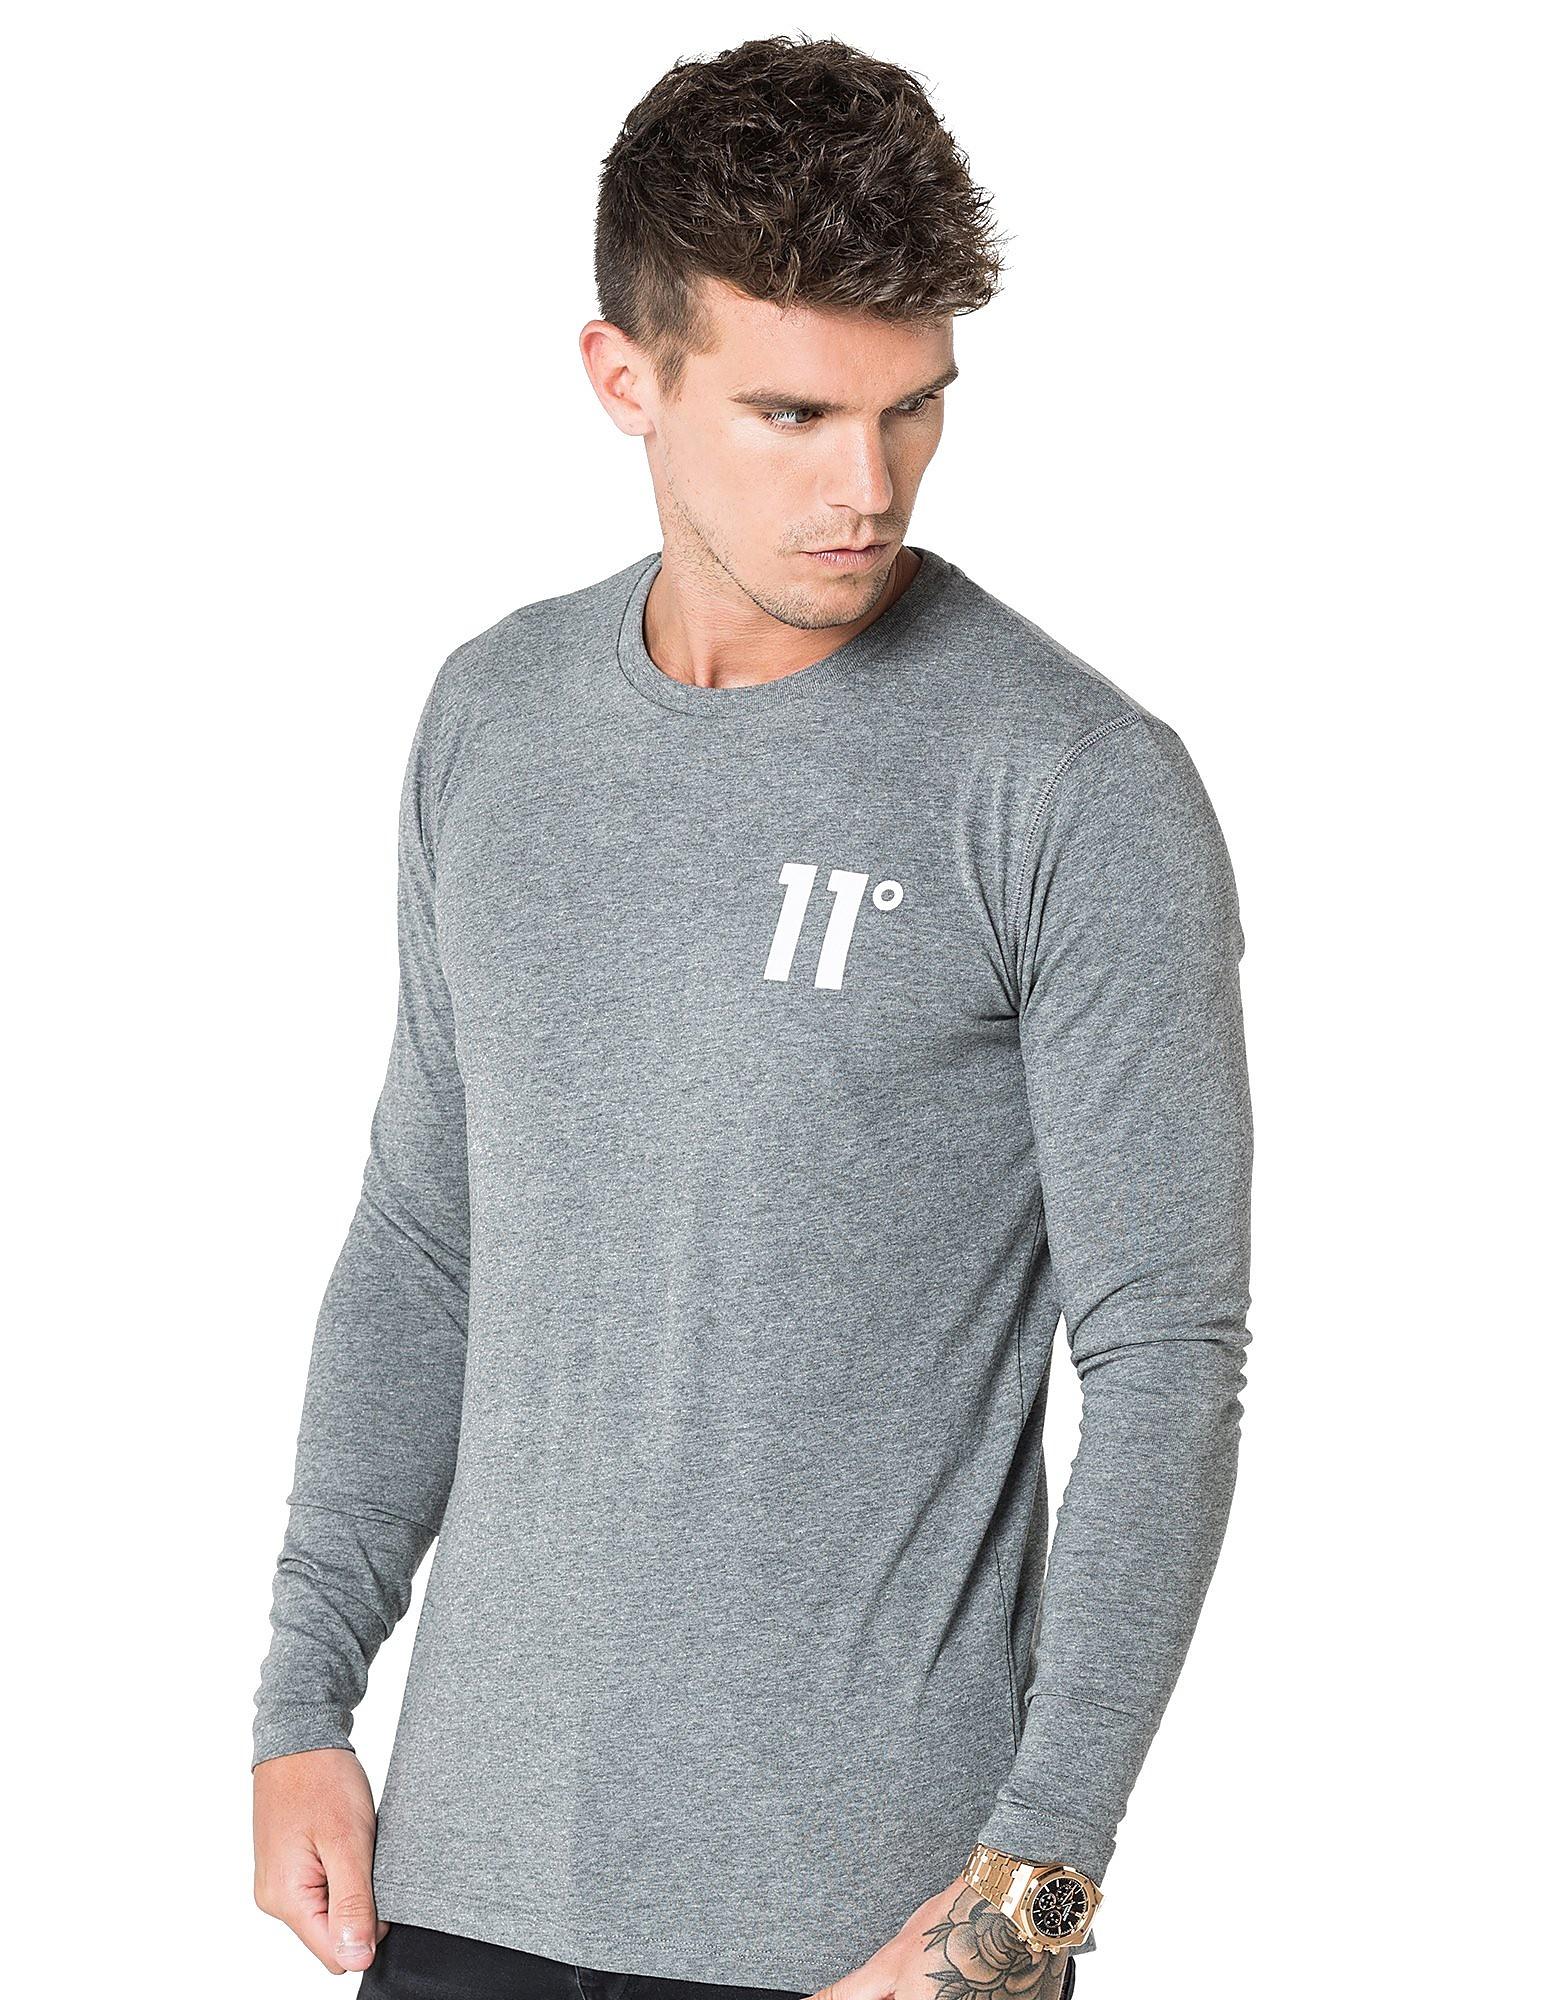 11 Degrees Core T-Shirt Homme - gris, gris